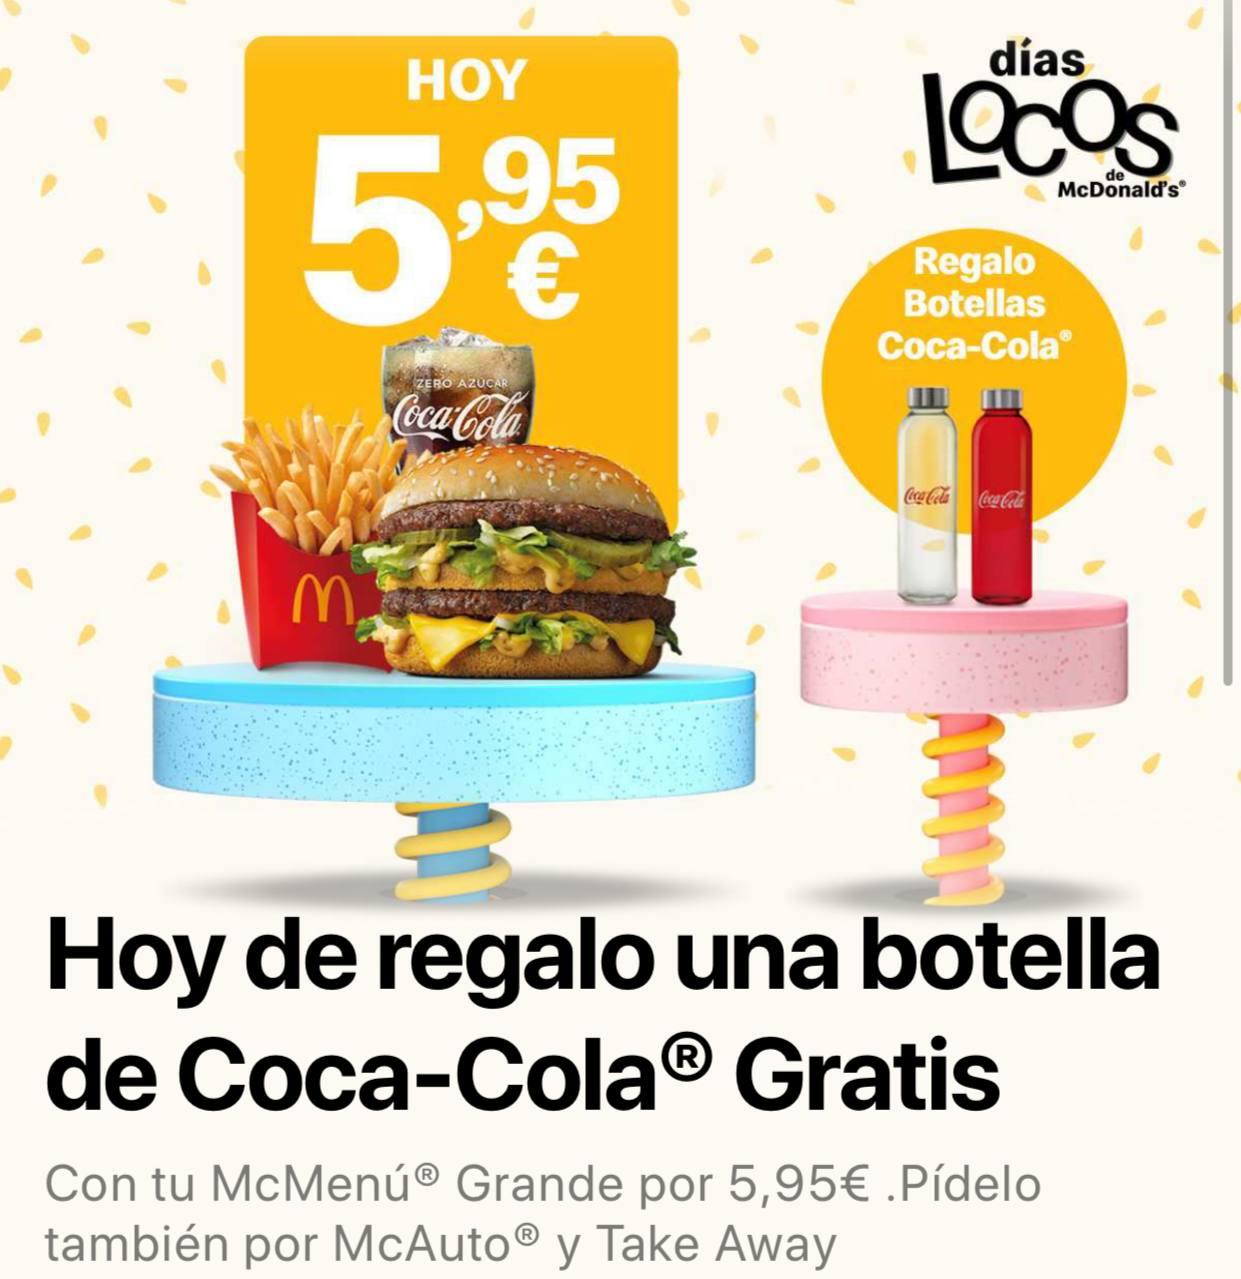 McMenú Grande con botella Coca-Cola de regalo con los días locos de McDonalds